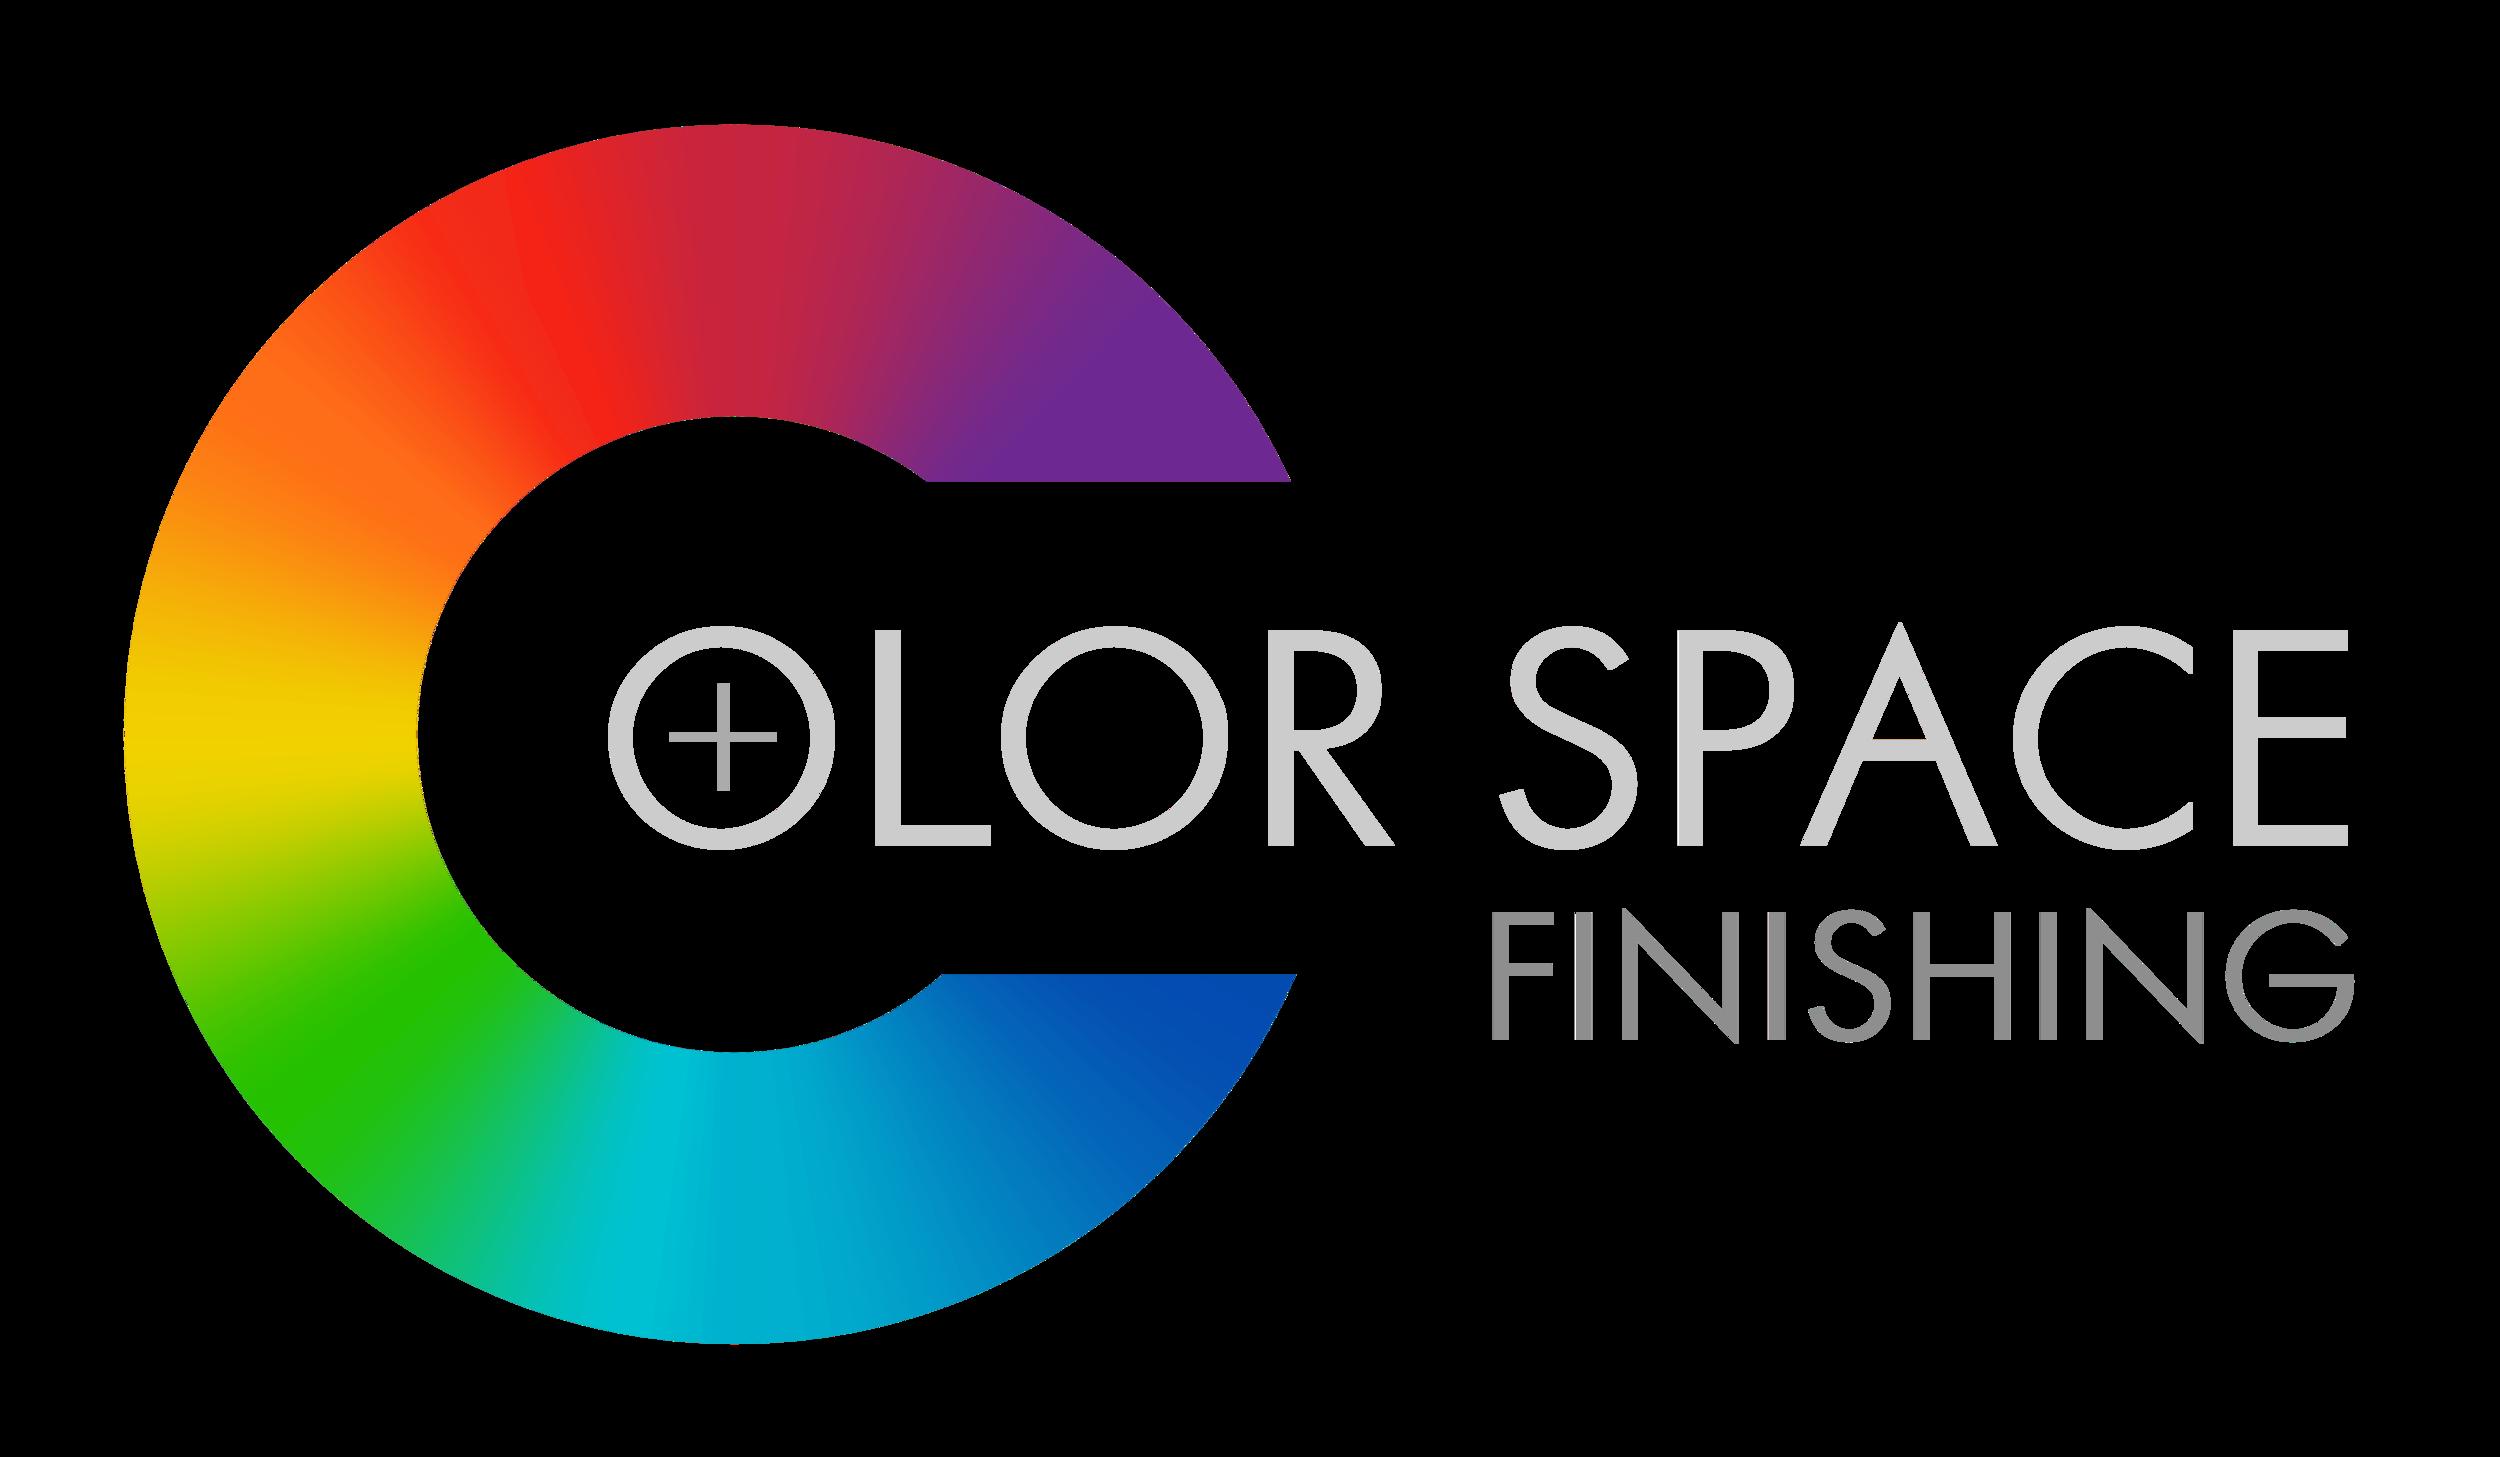 ColorSpaceLogo-Color-Transp.png